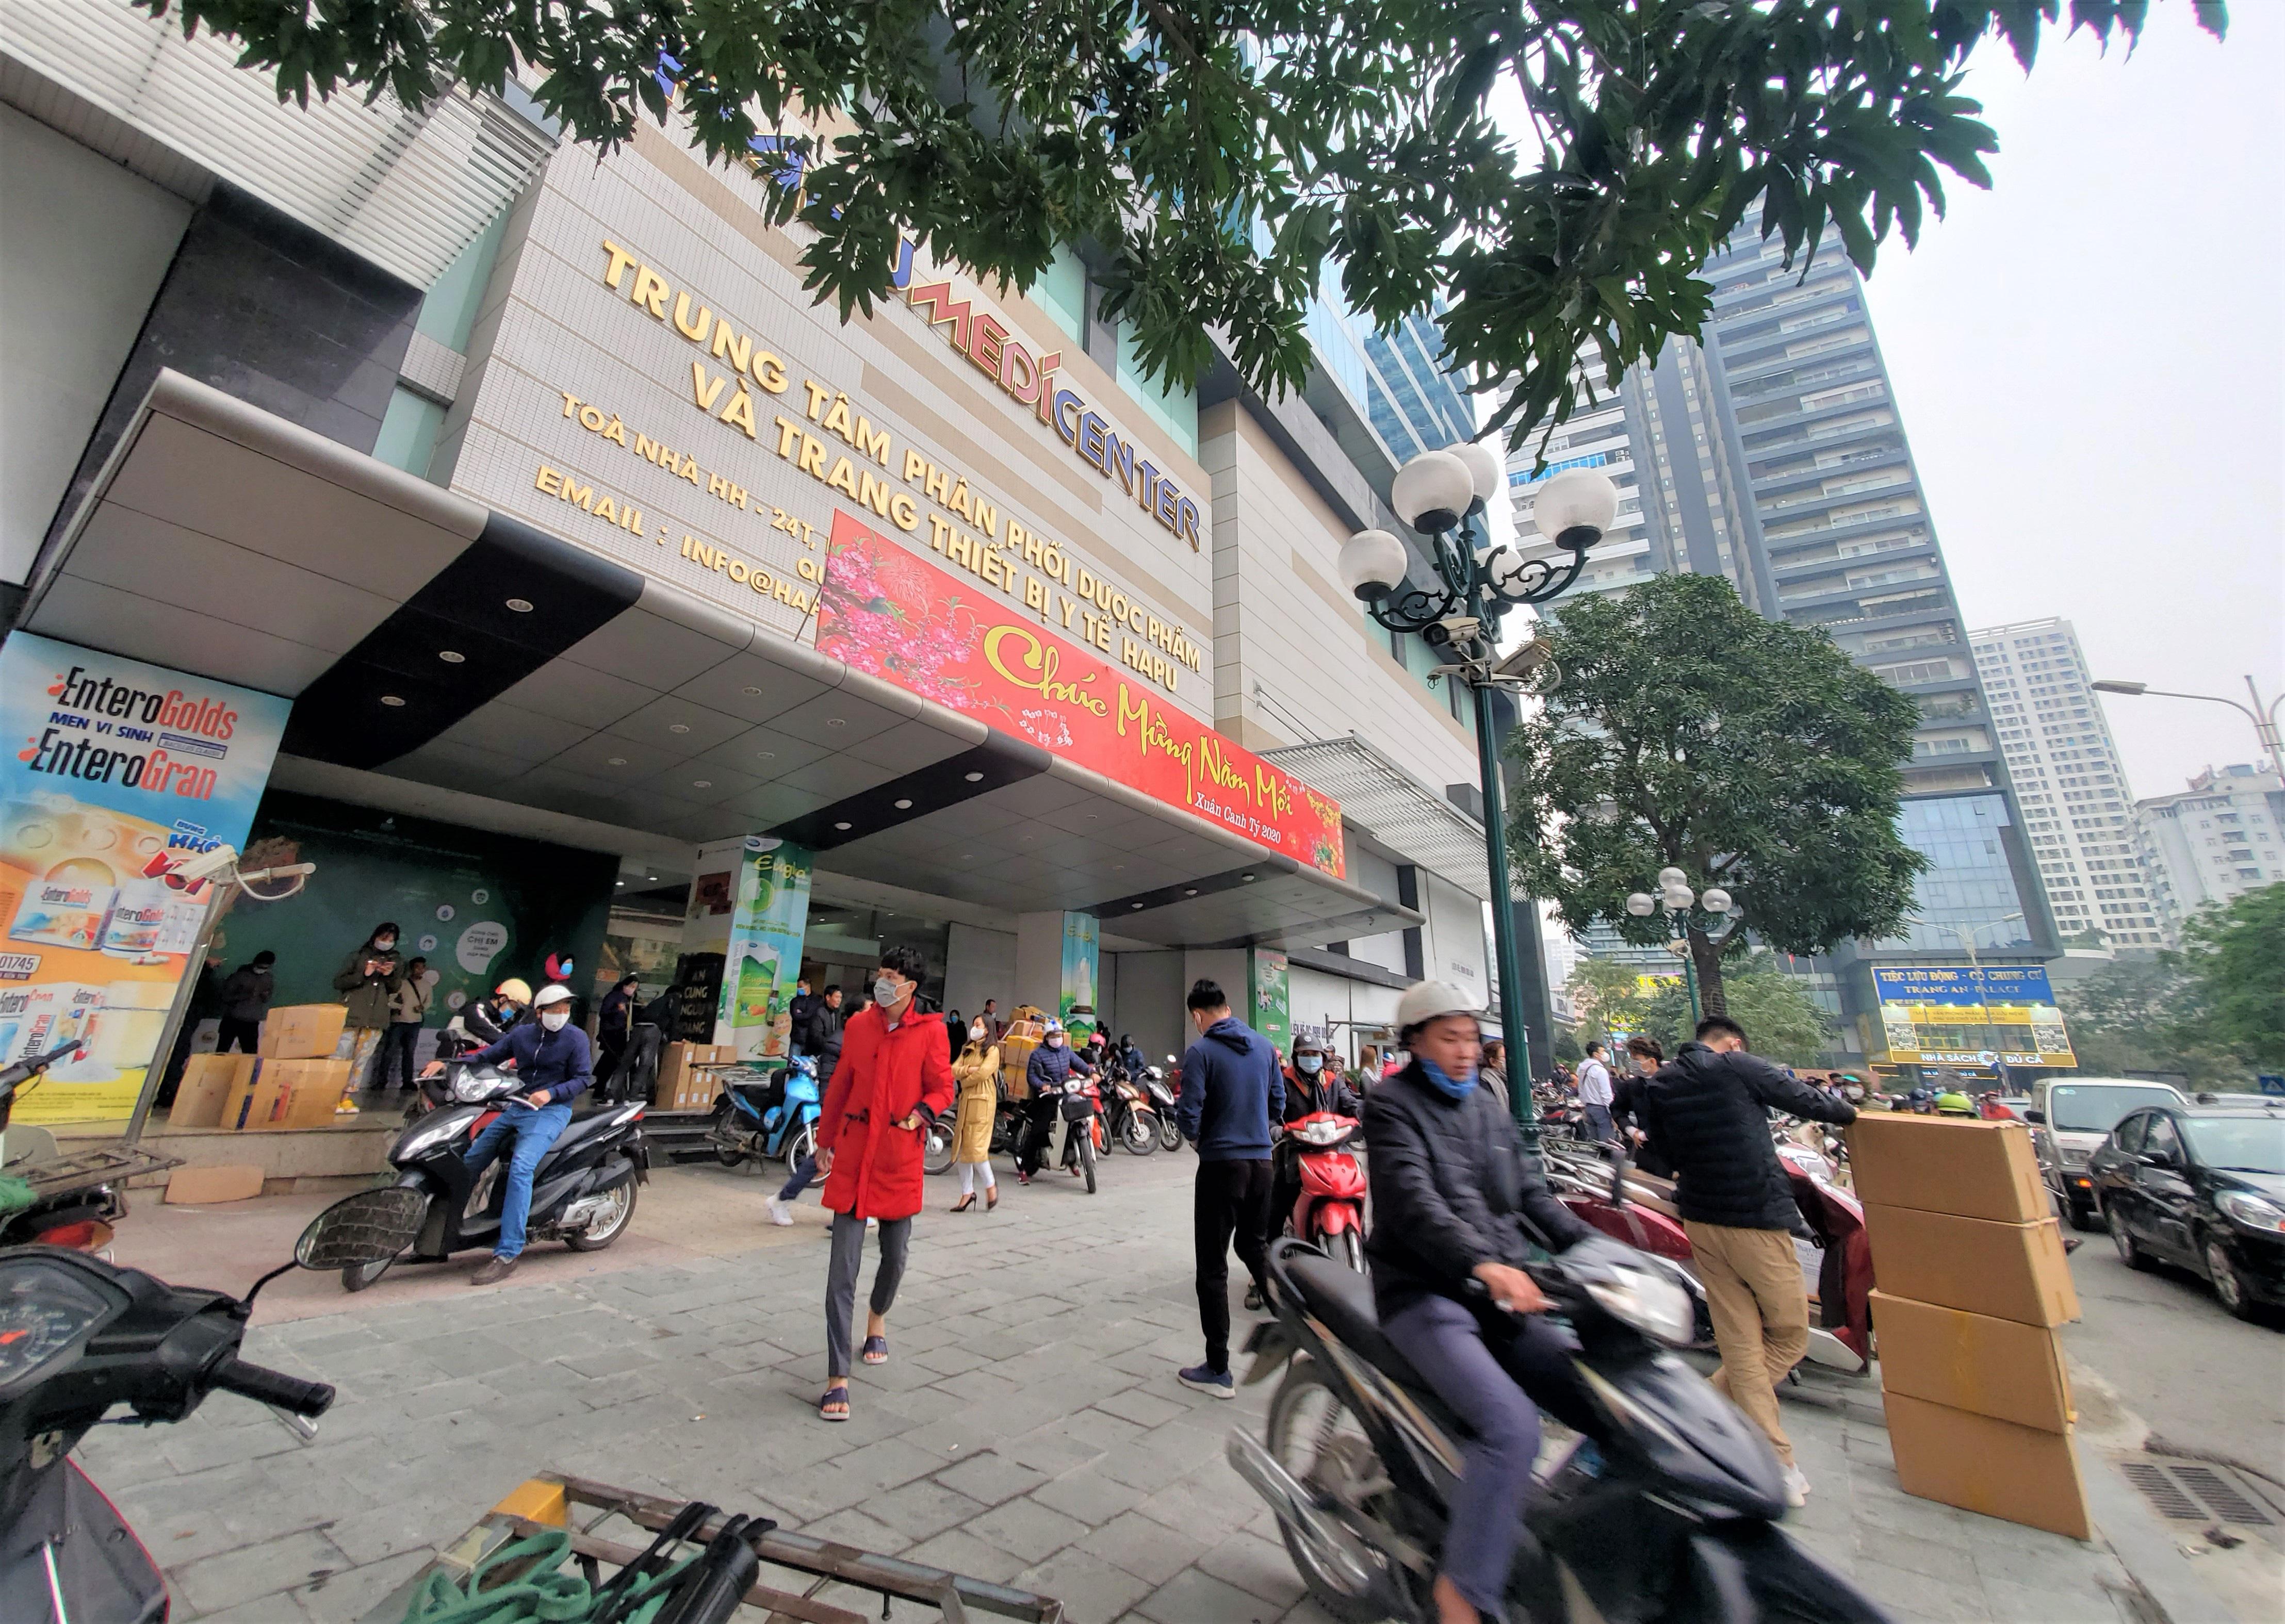 Sau 1 đêm, chợ thuốc lớn nhất Hà Nội đồng loạt đặt biển không bán khẩu trang, miễn hỏi - Ảnh 2.